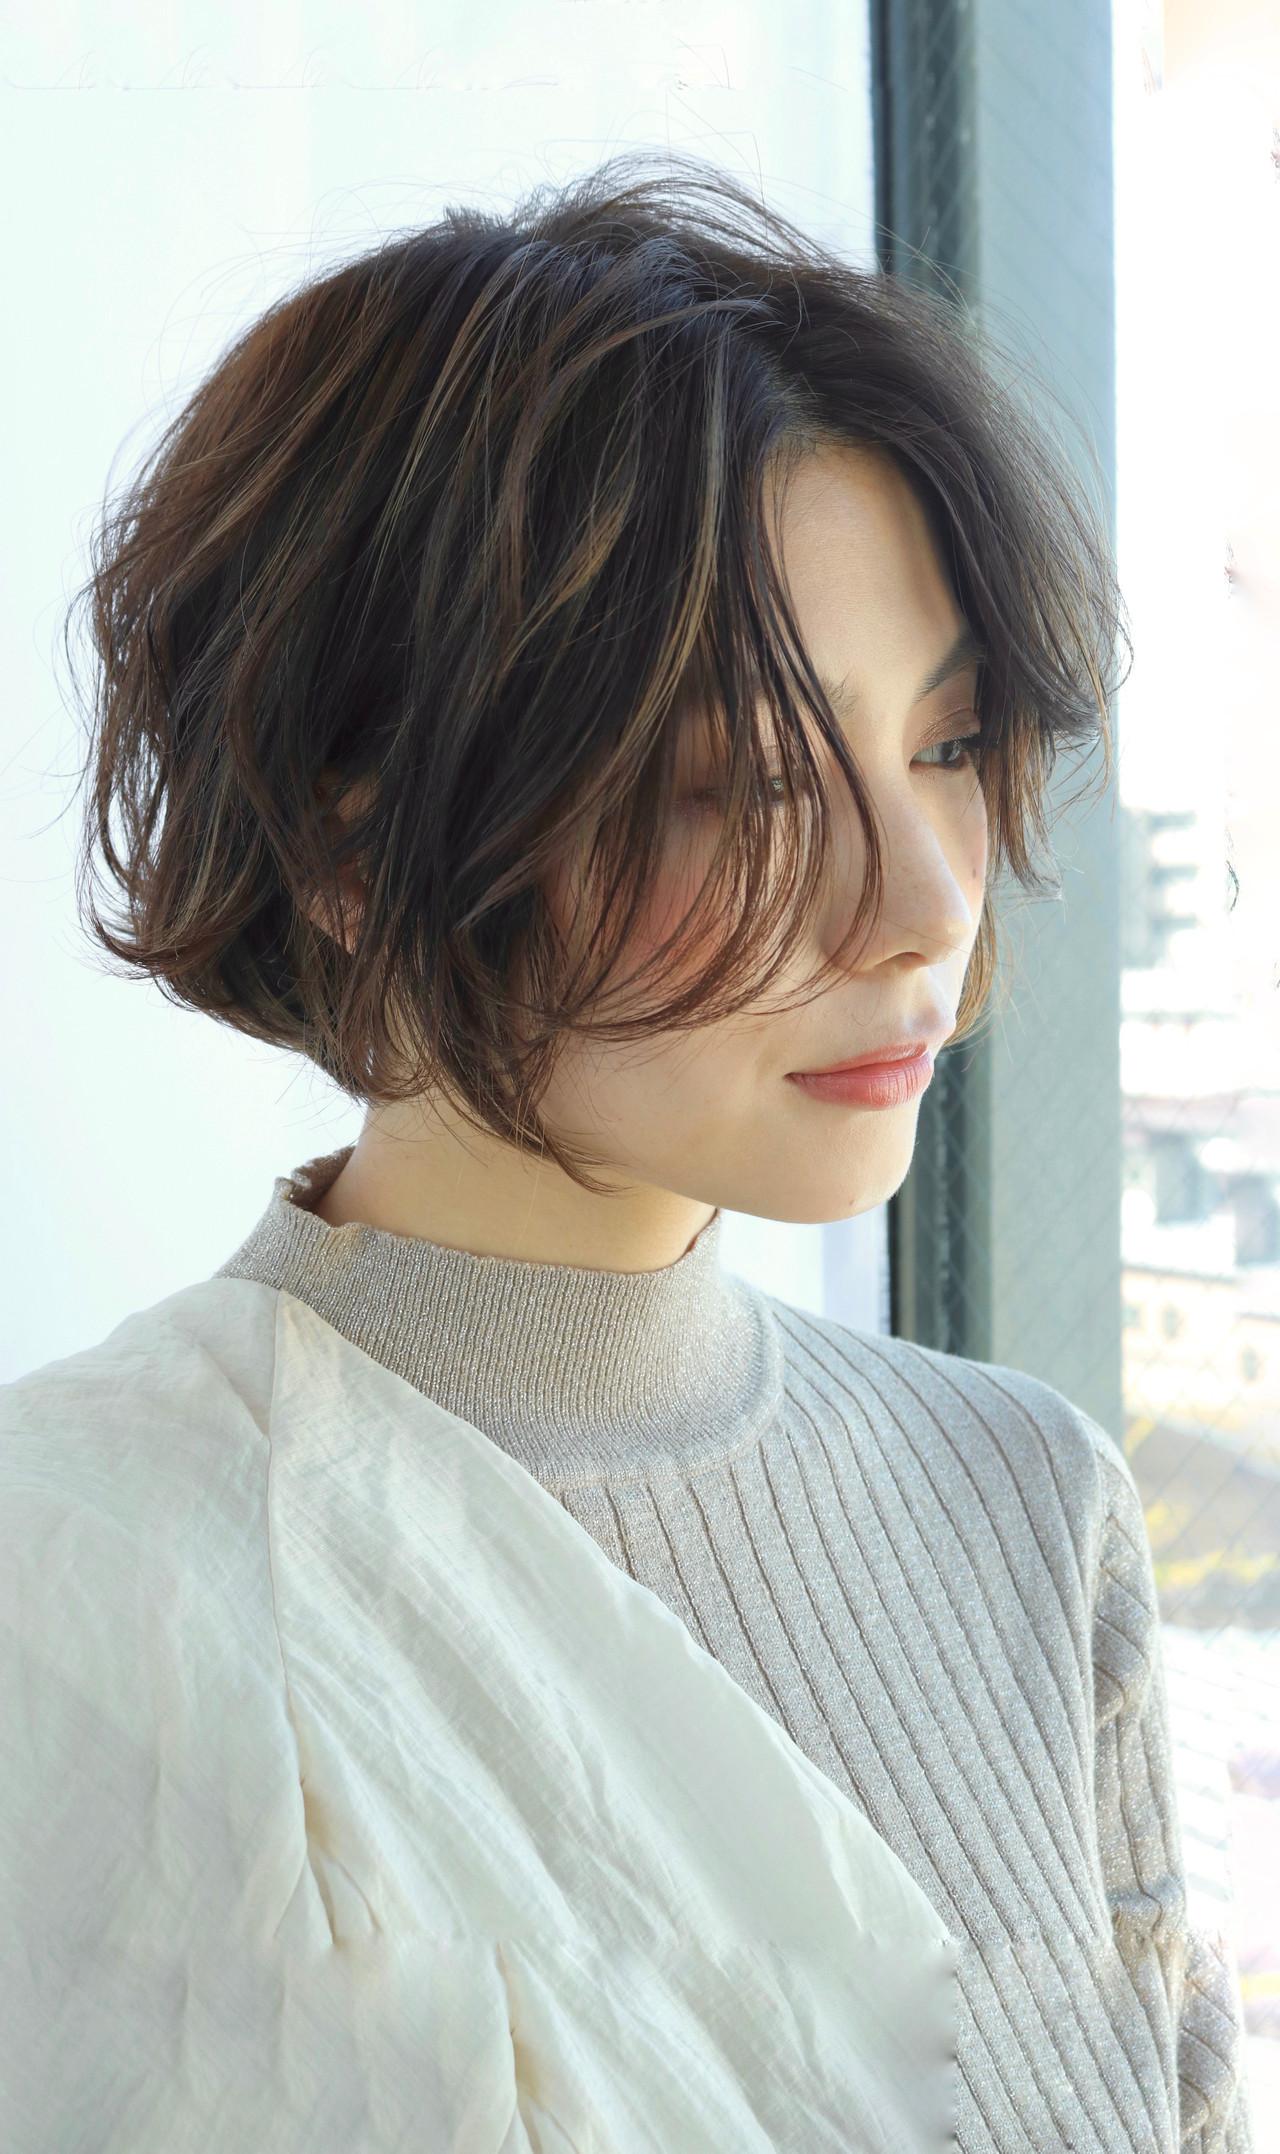 ミニボブ ショートヘア 切りっぱなしボブ 外ハネボブ ヘアスタイルや髪型の写真・画像 | 平澤 日向 / Neolive terrace